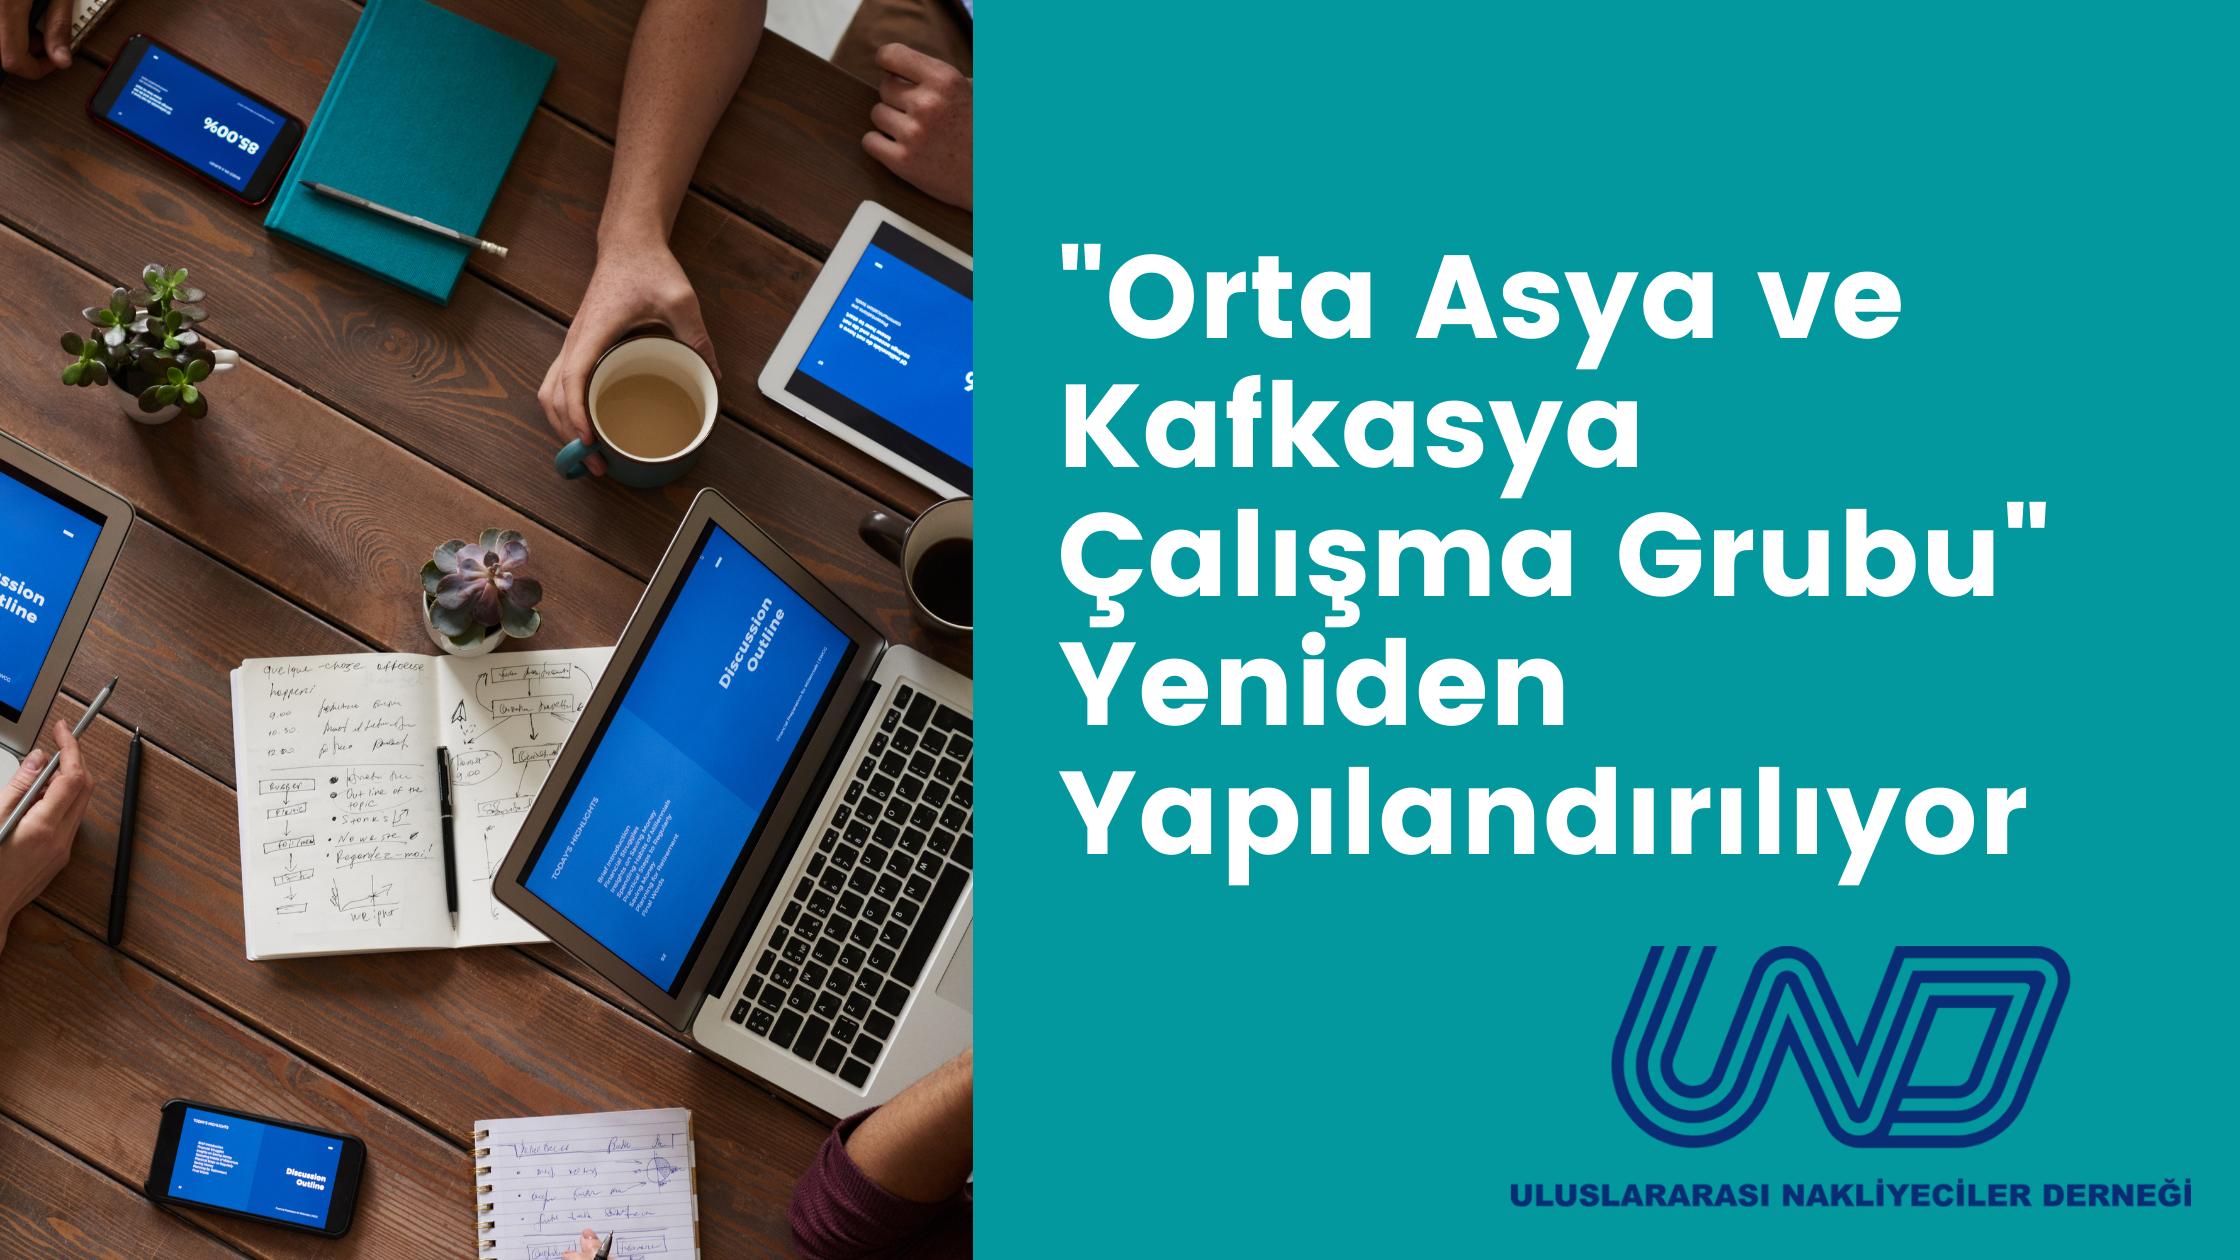 Orta Asya ve Kafkasya Çalışma Grubu Yeniden Yapılandırılıyor